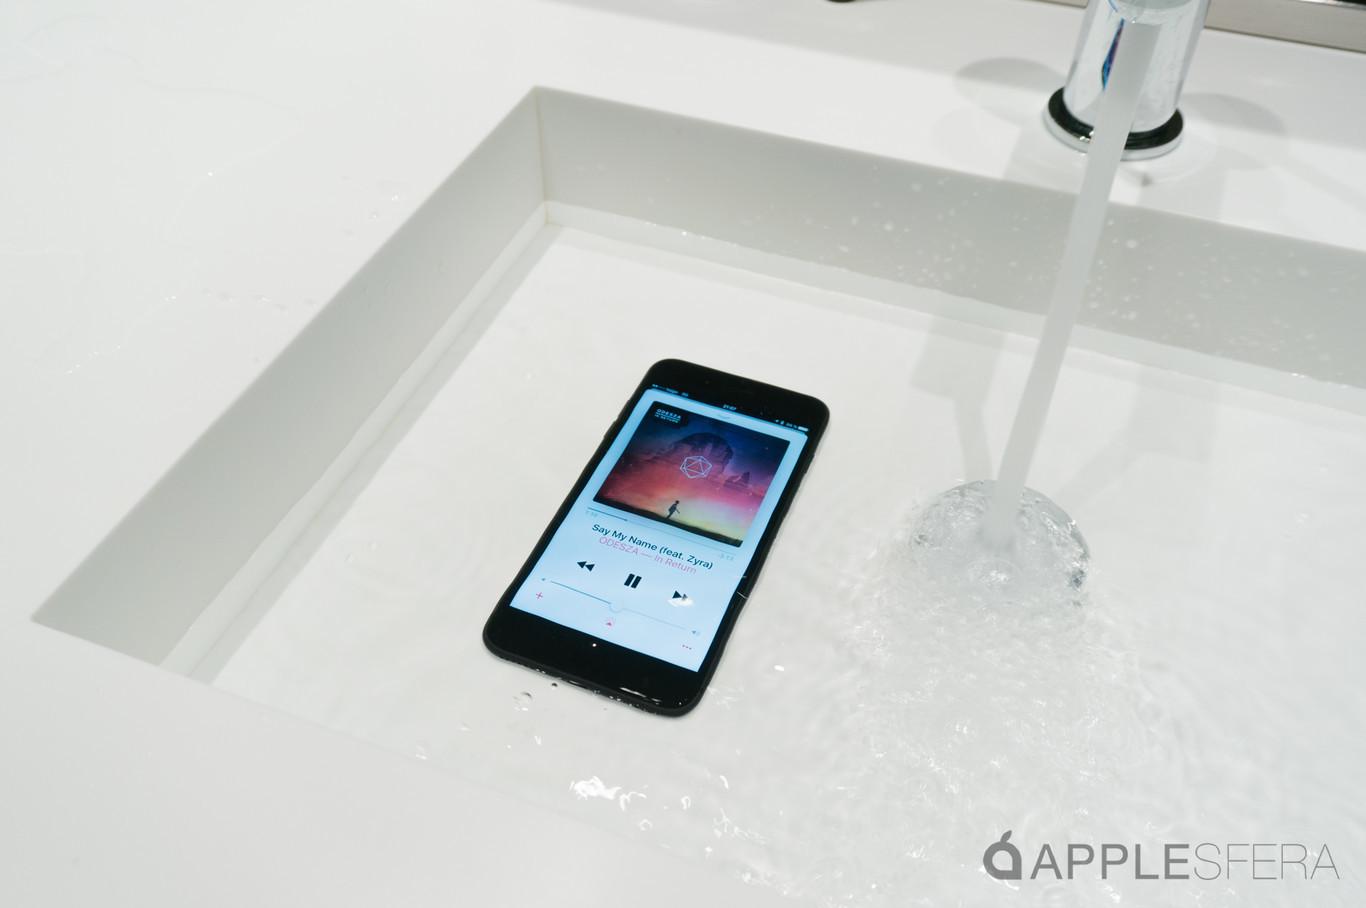 Dos nuevas patentes sugieren un iPhone con pantalla táctil que funciona bajo el agua